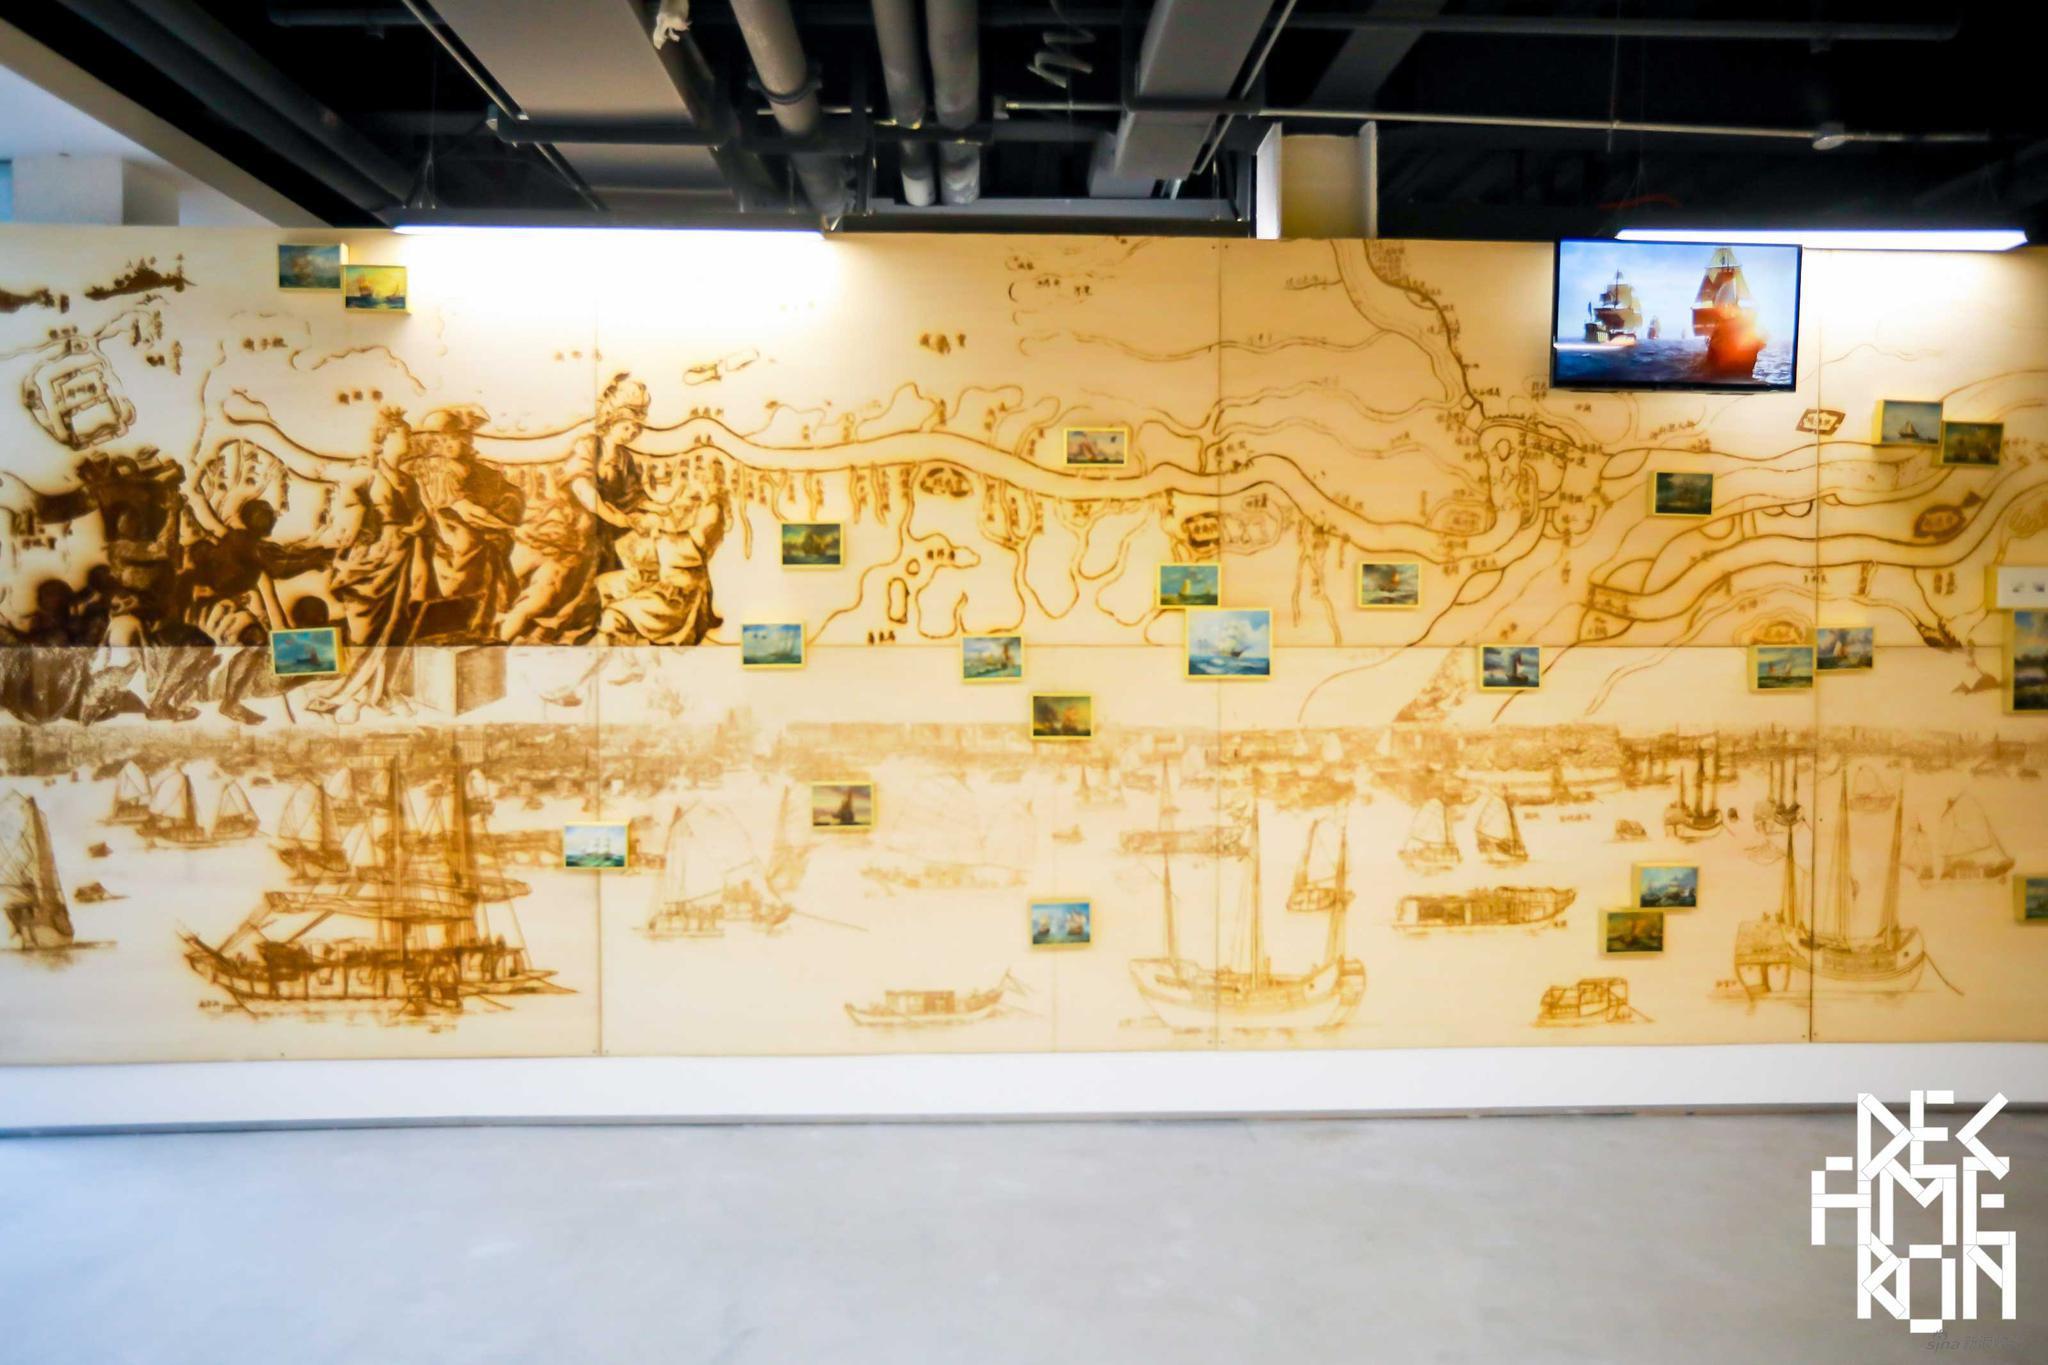 张钊瀛+沈沐阳 《运河·东方戏法》 木版激光雕刻、绘画、综合材料、影像 尺寸可变 2018-2020